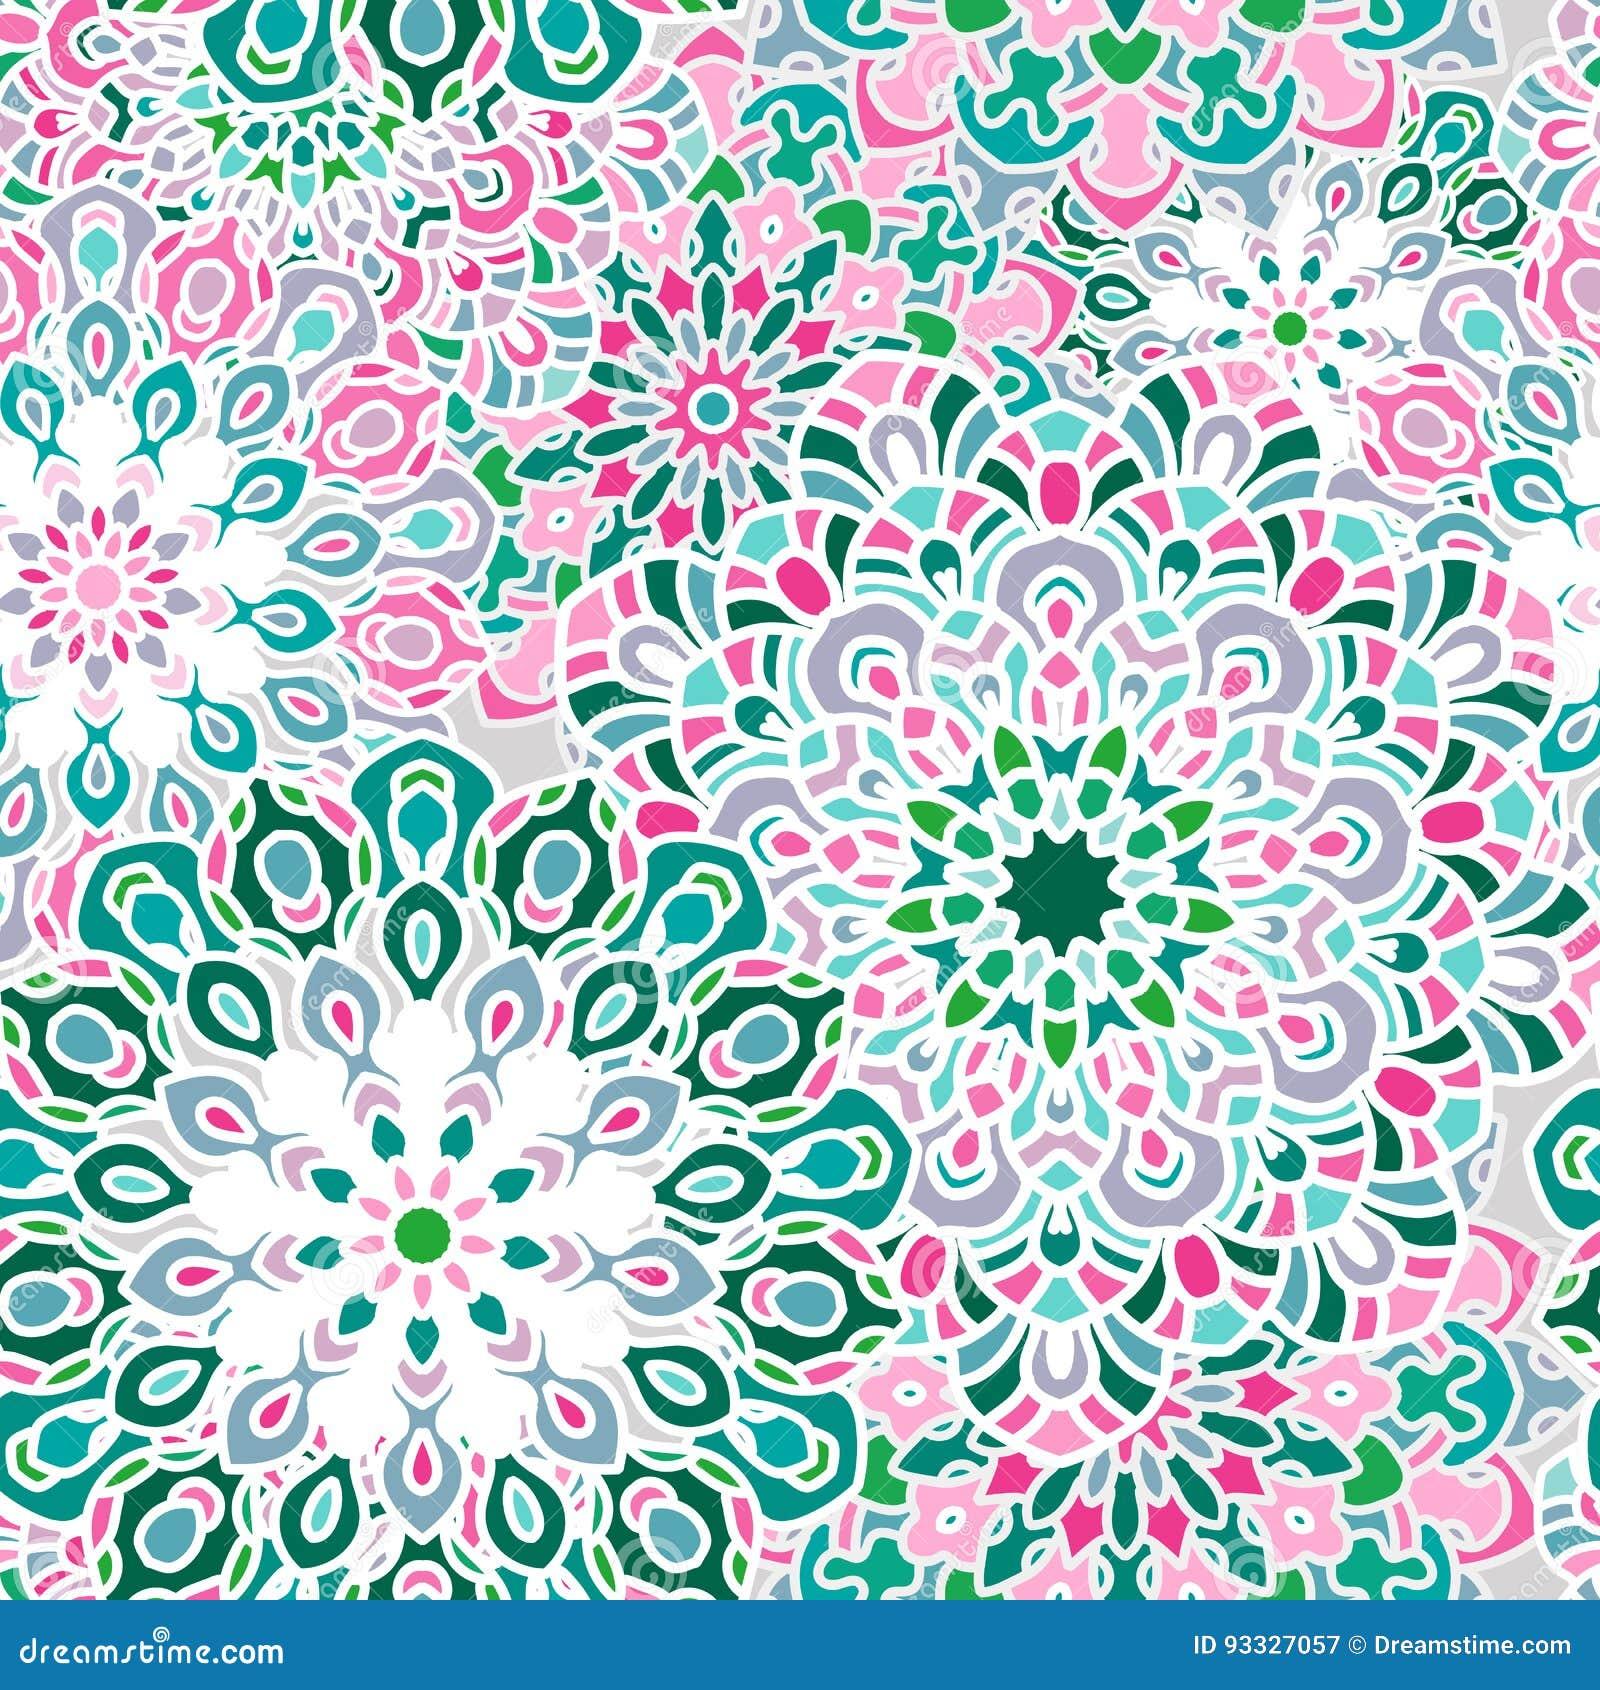 Modèle De Mandala Pour Imprimer Sur Le Tissu Ou Le Papier Illustration Stock - Illustration du ...